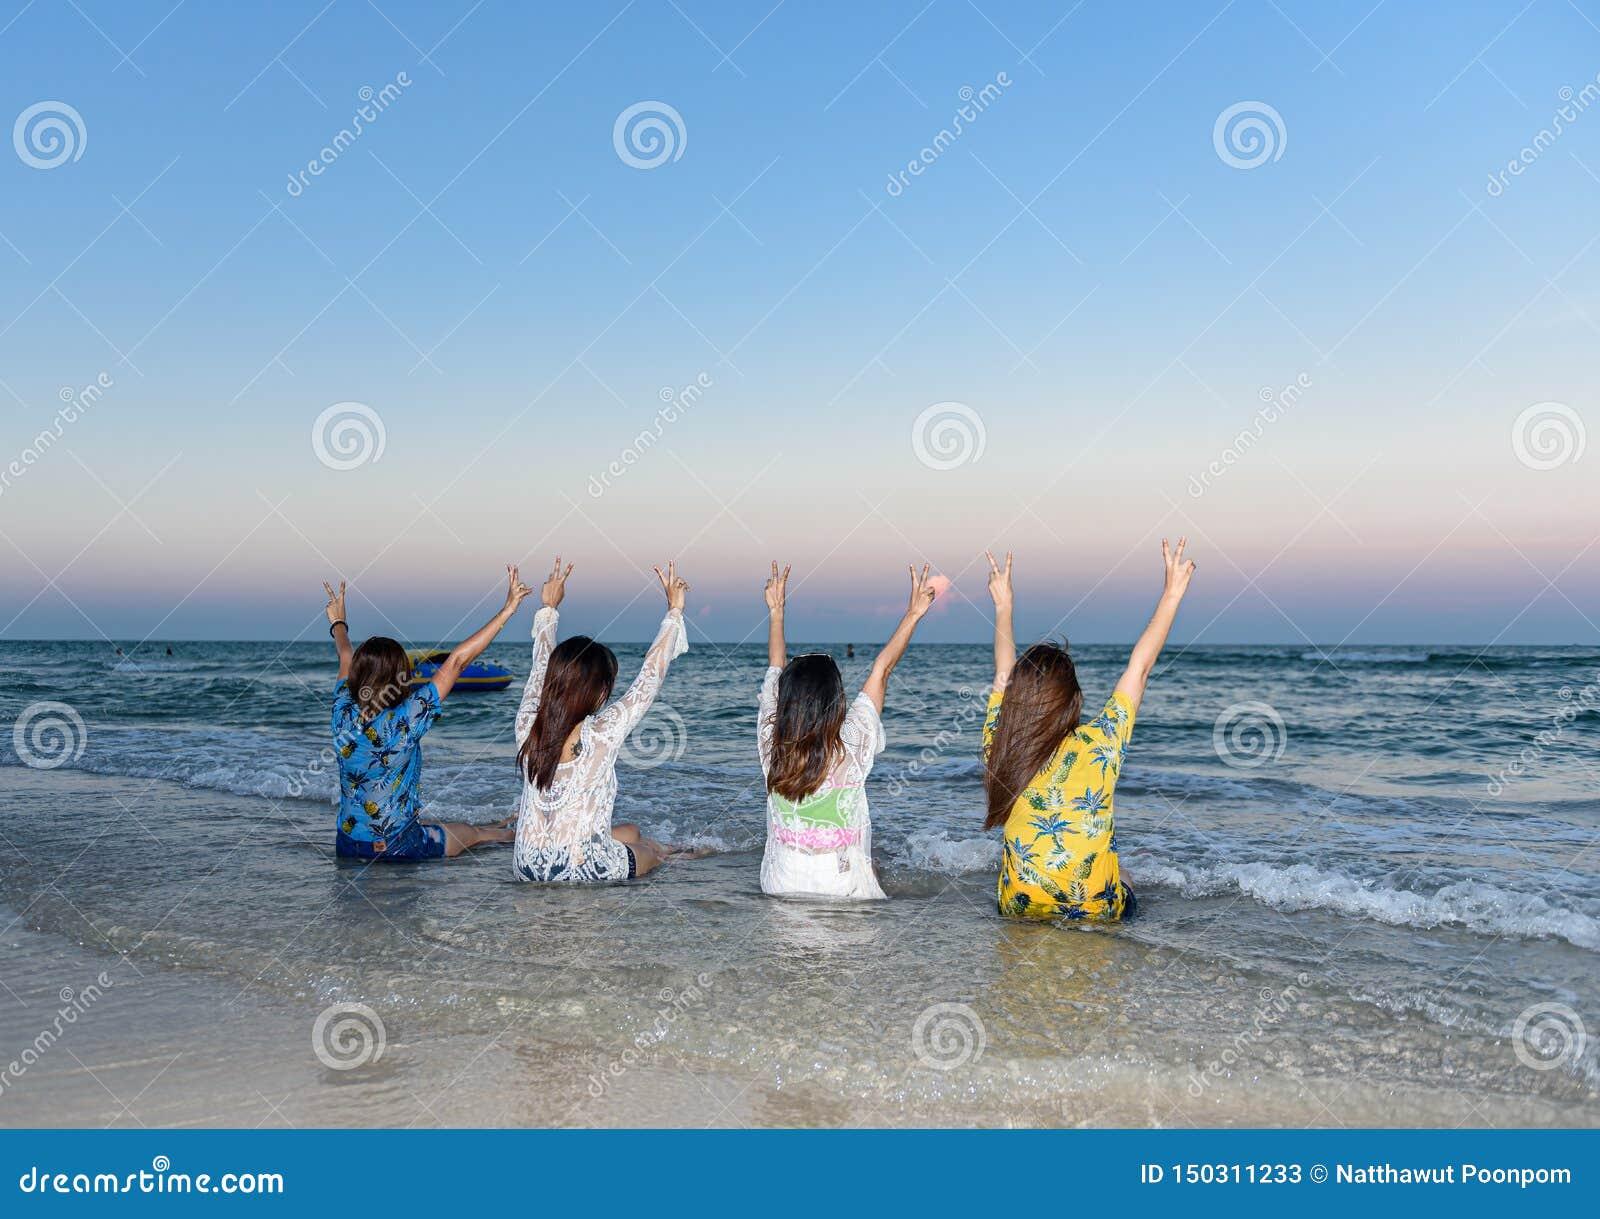 Quattro donne erano amici, seduti indietro ed hanno sollevato le loro mani sulla spiaggia